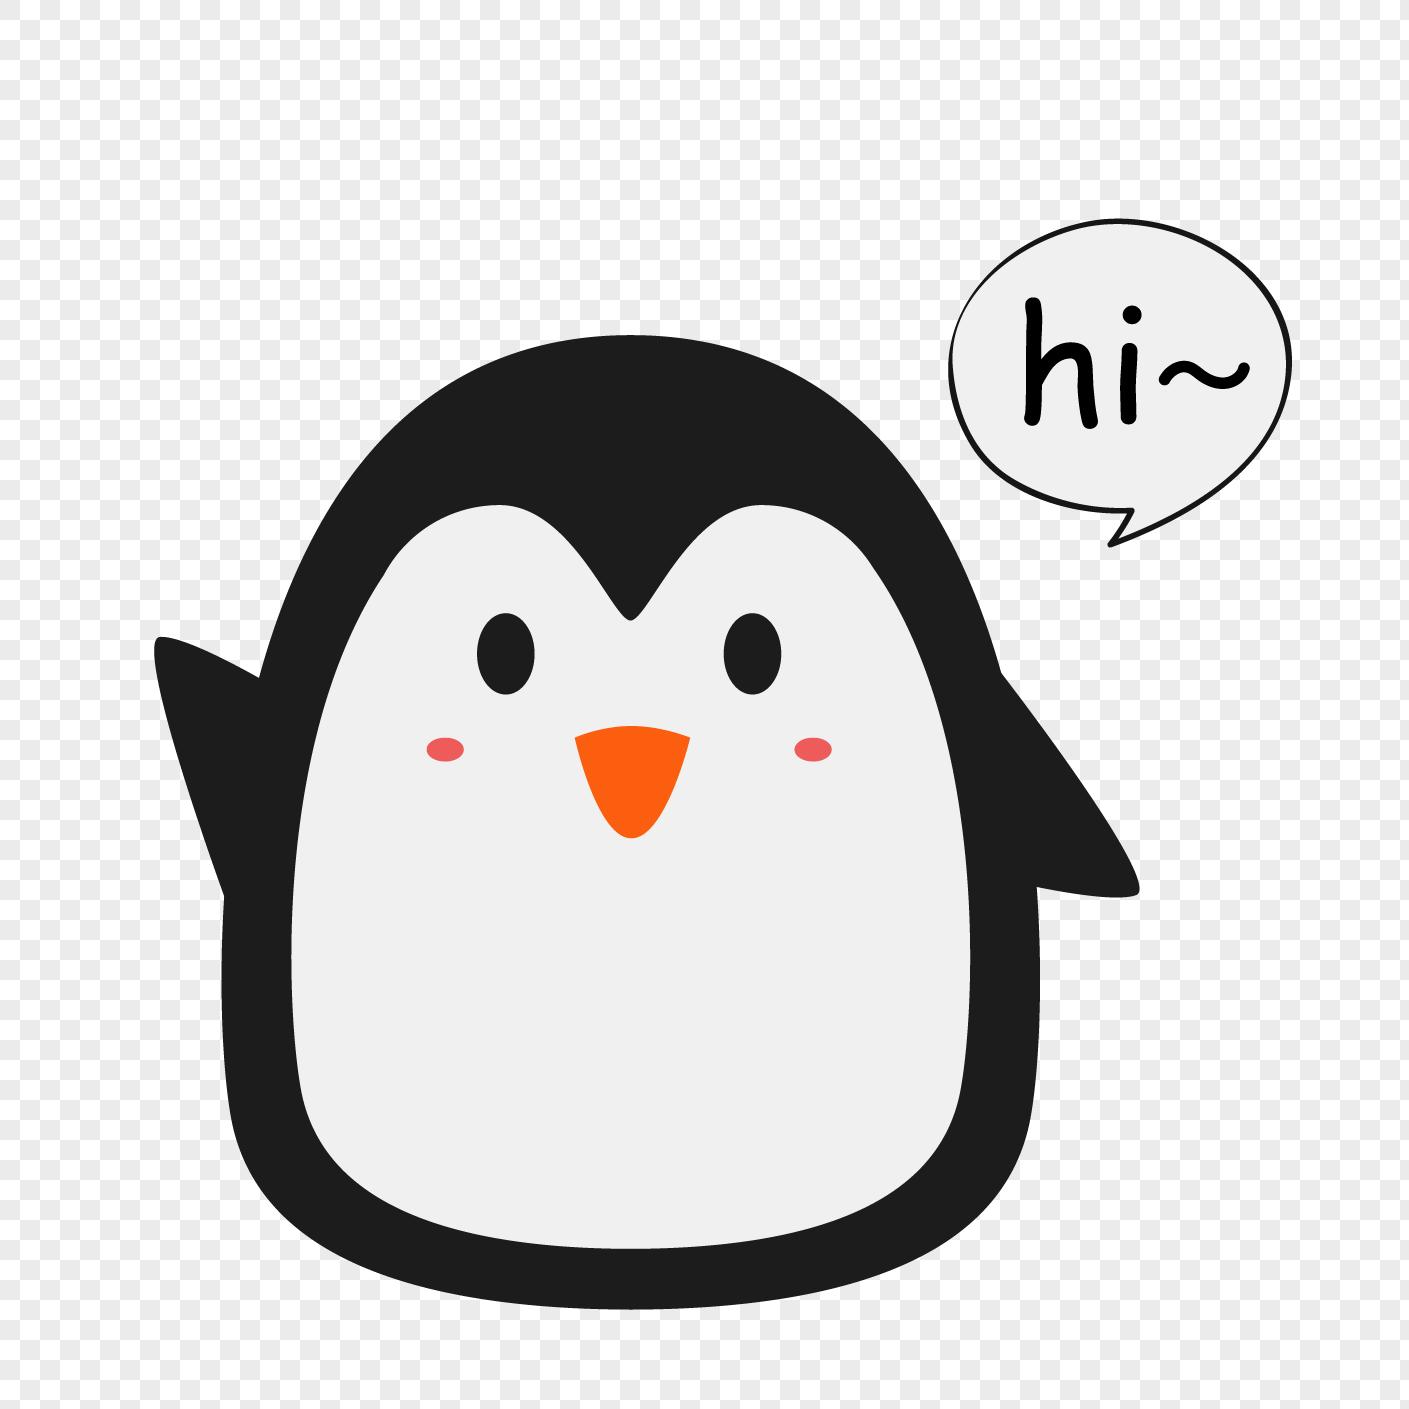 可愛打招呼的小企鵝AI圖案素材免費下載 - 尺寸1389 × 1389px - 圖形ID400959494 - Lovepik